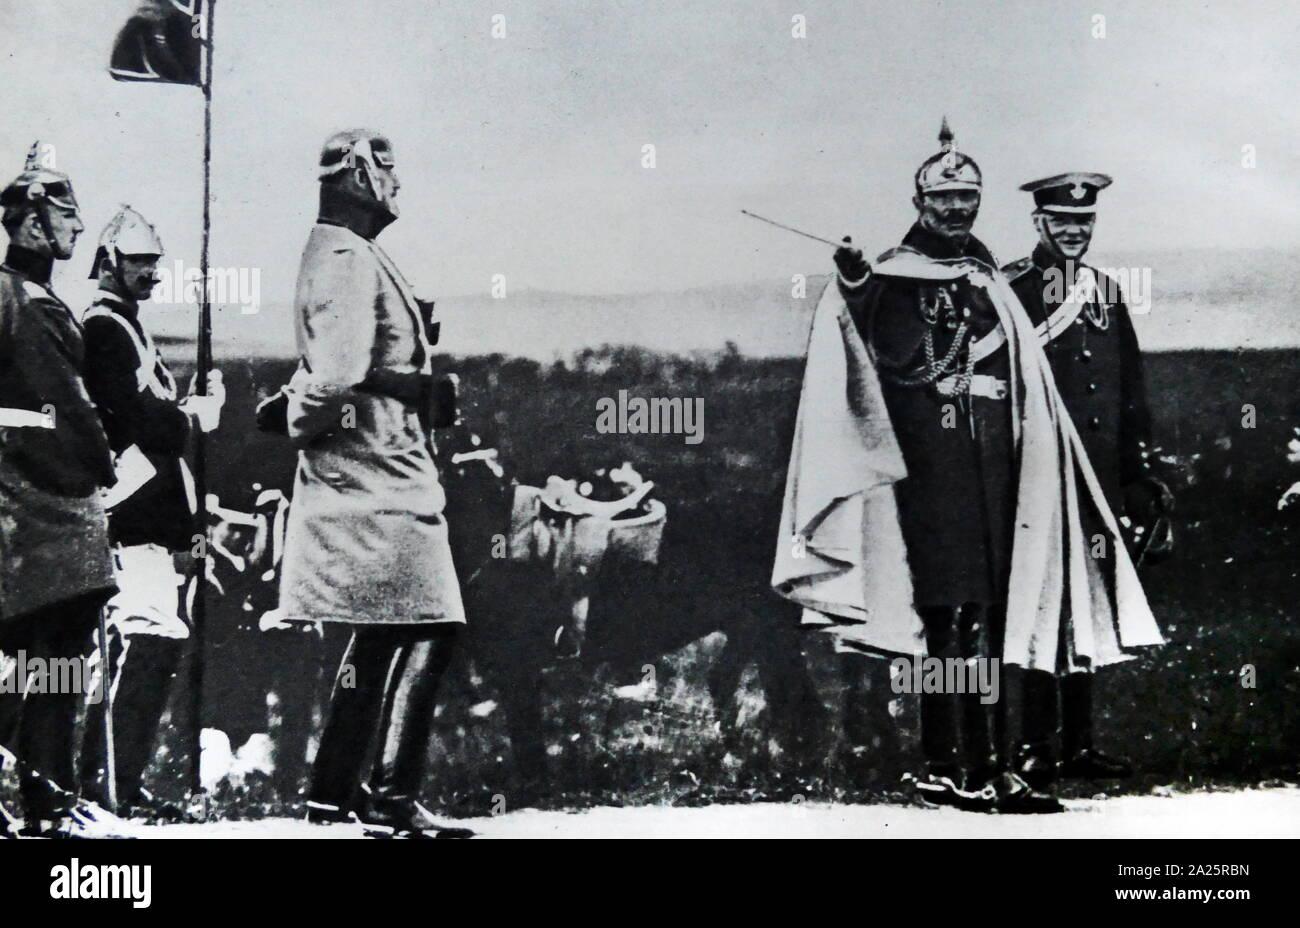 Sir Winston Churchill (1874 - 1965), político británico con el Kaiser Wilhelm II de 1908. Churchill fue Primer Ministro del Reino Unido desde 1940 hasta 1945, cuando él condujo a Gran Bretaña a la victoria en la Segunda Guerra Mundial, y nuevamente desde 1951 hasta 1955. Foto de stock